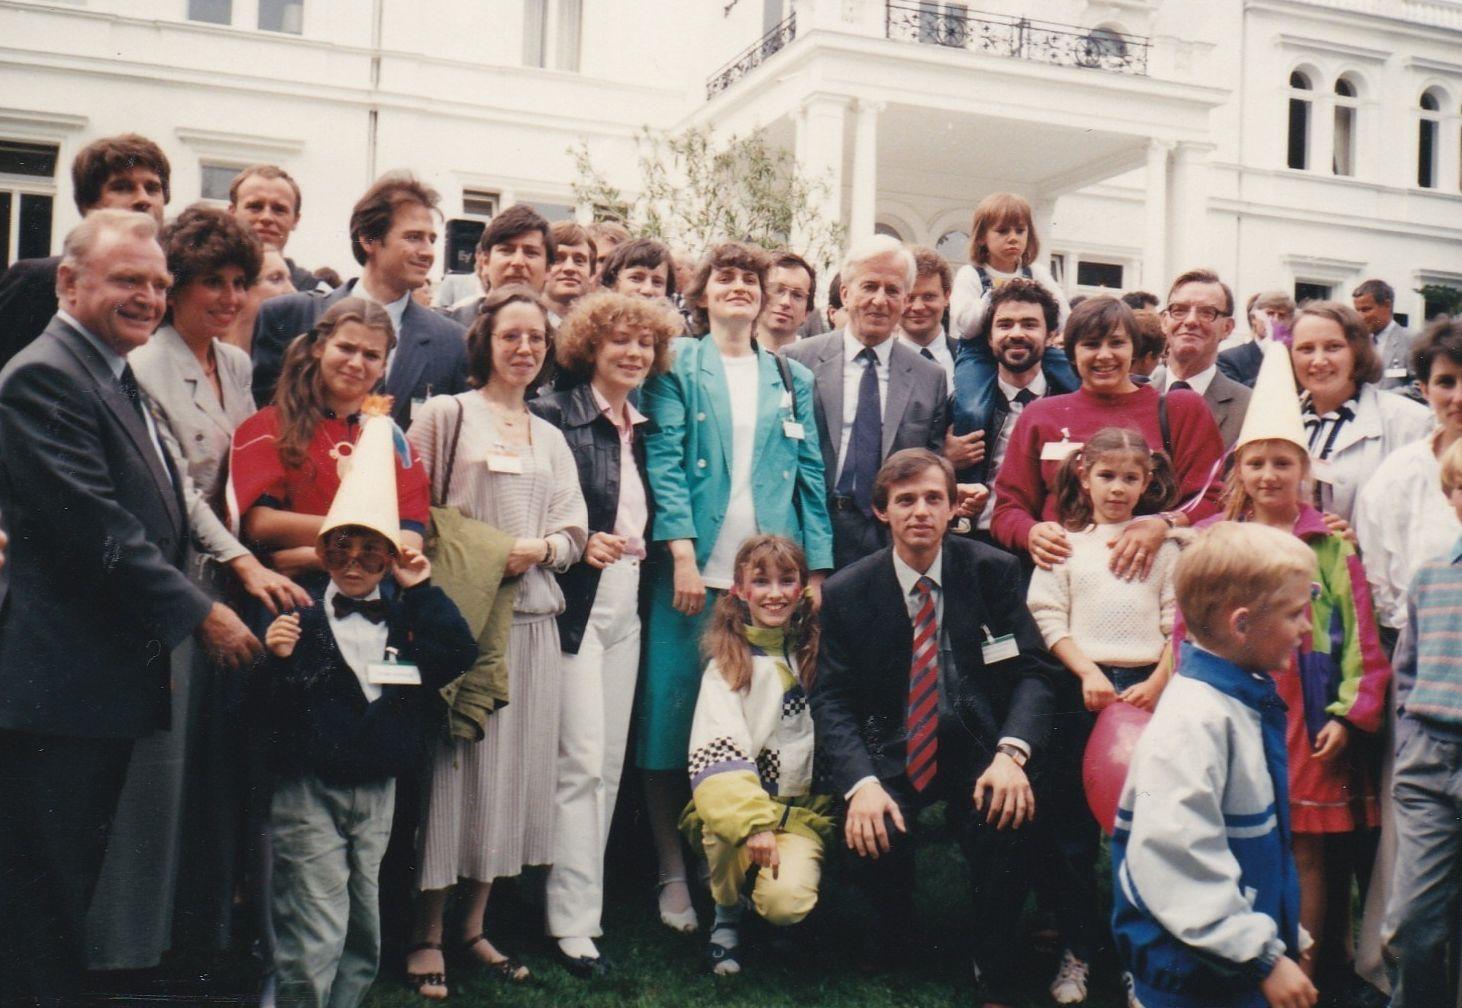 Советские стипендиаты Фонда Александра фон Гумбольдта с супругами и детьми на приеме у президента ФРГ Рихарда фон Вайцзеккера (в центре). Вилла Хаммершмидт (Бонн), июль 1990 года. Крайний слева — генеральный секретарь фонда Хайнрих Пфайфер